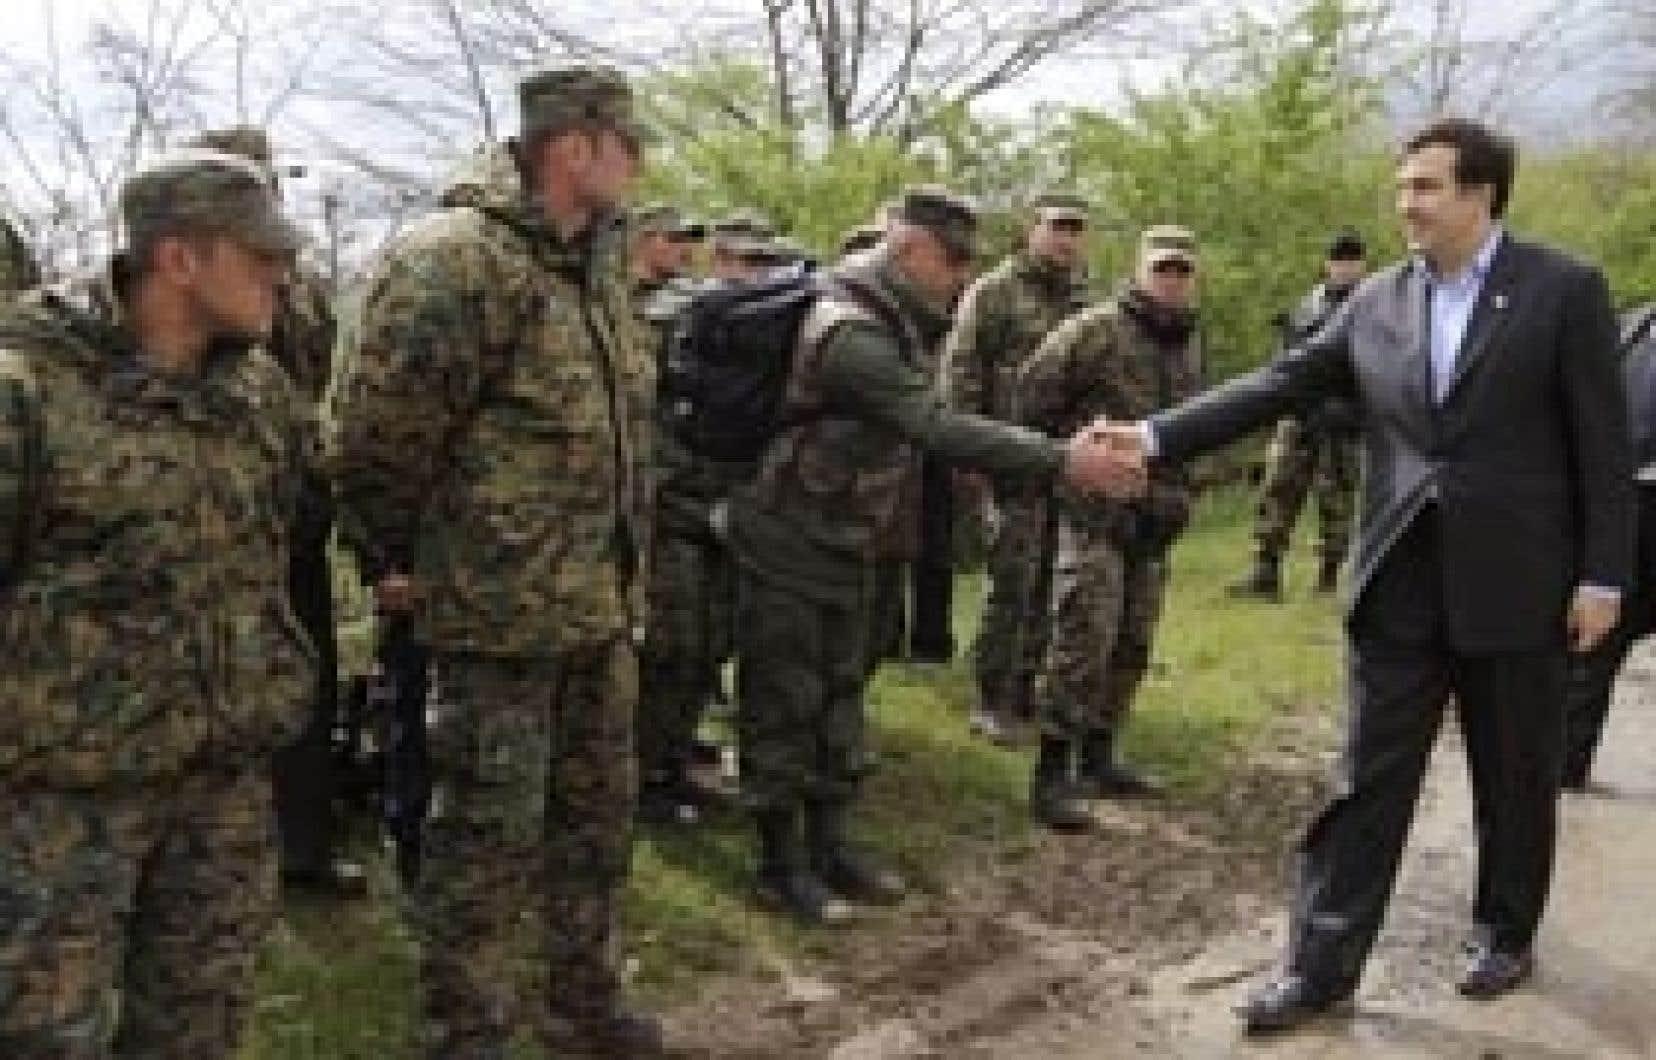 Le président de la Géorgie, Mikheil Saakachvili, a rencontré hier des mutins.